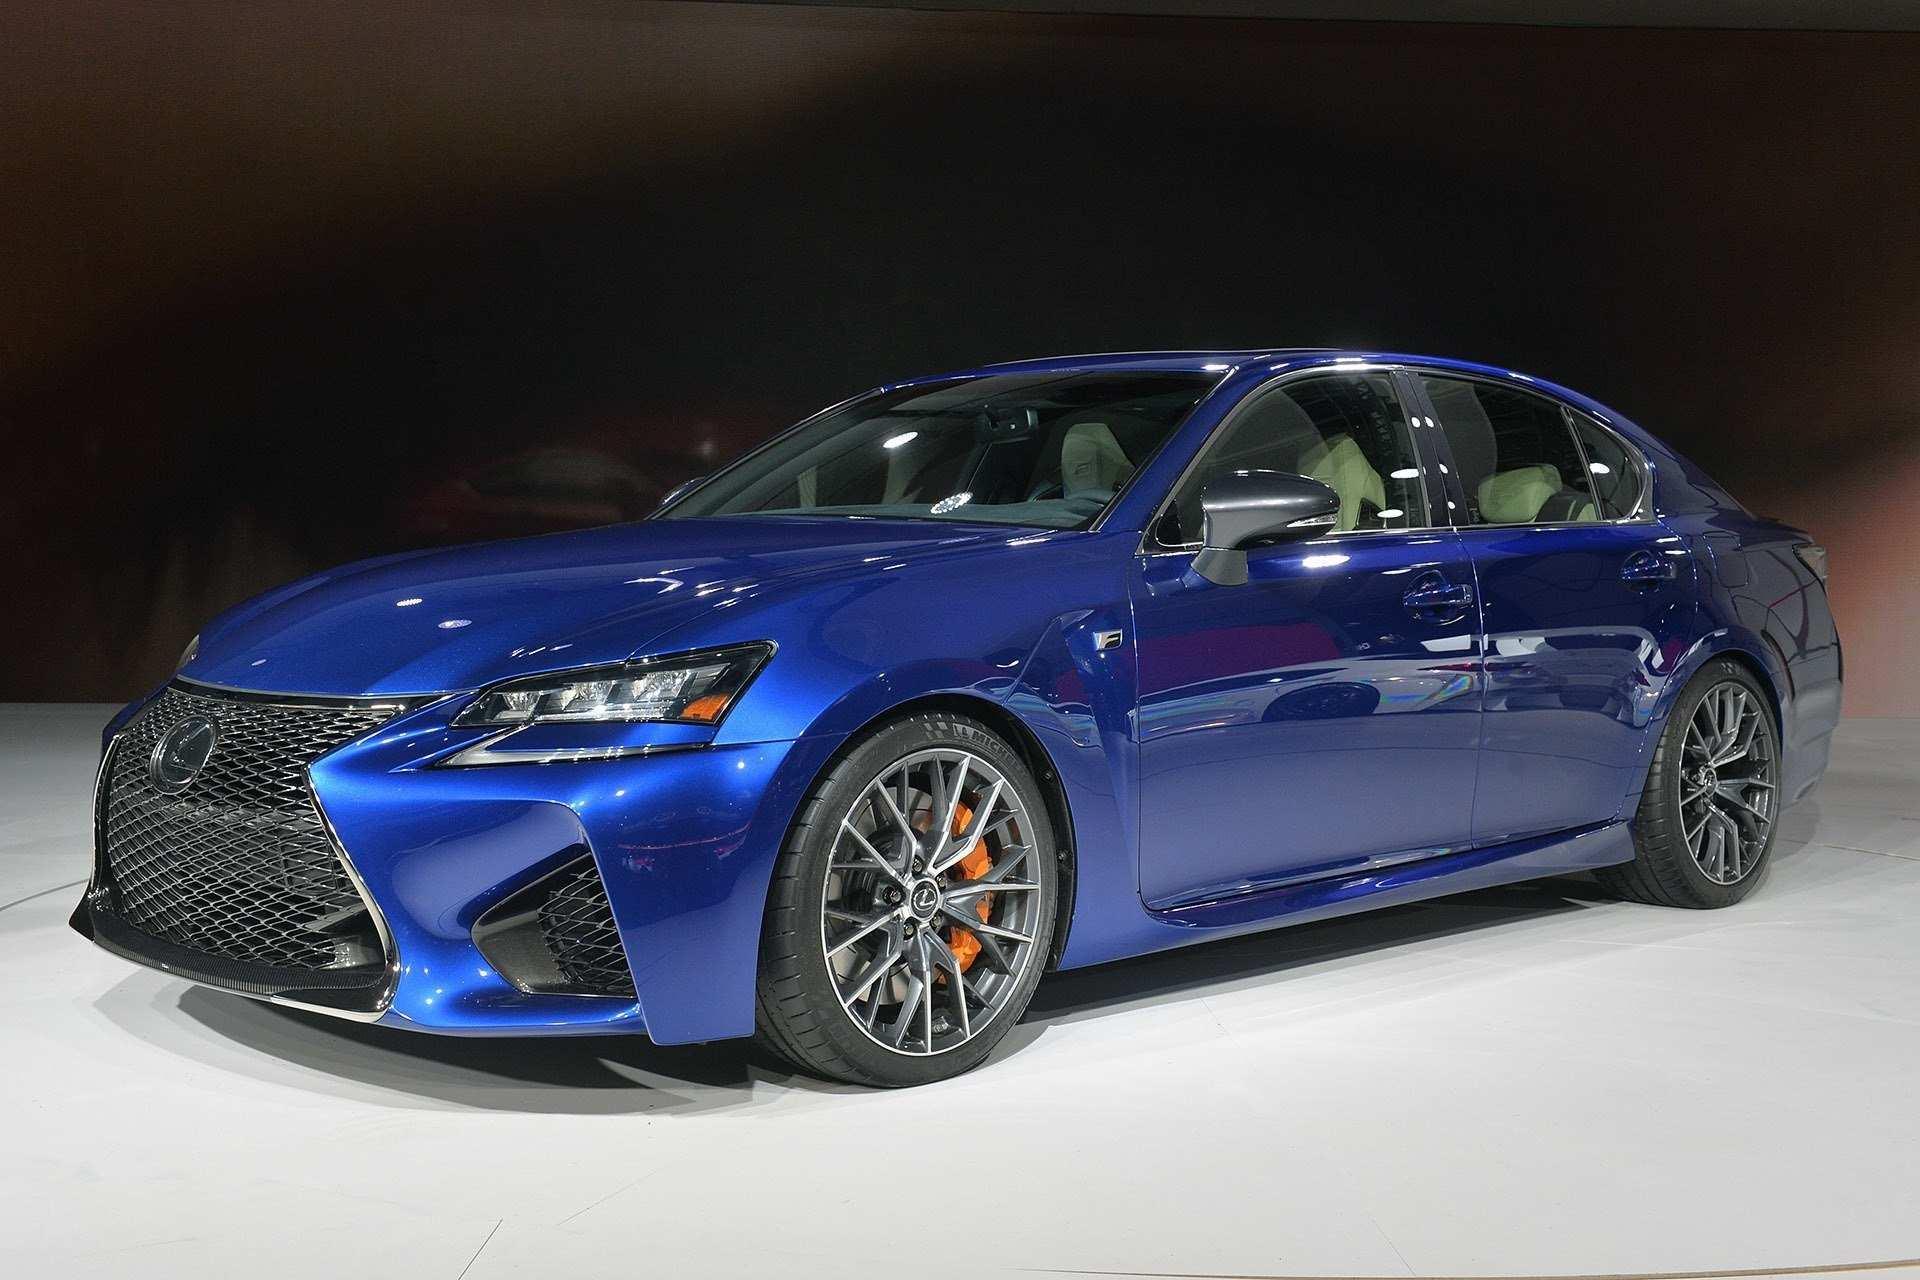 79 Concept of Lexus Gs F 2020 Reviews by Lexus Gs F 2020